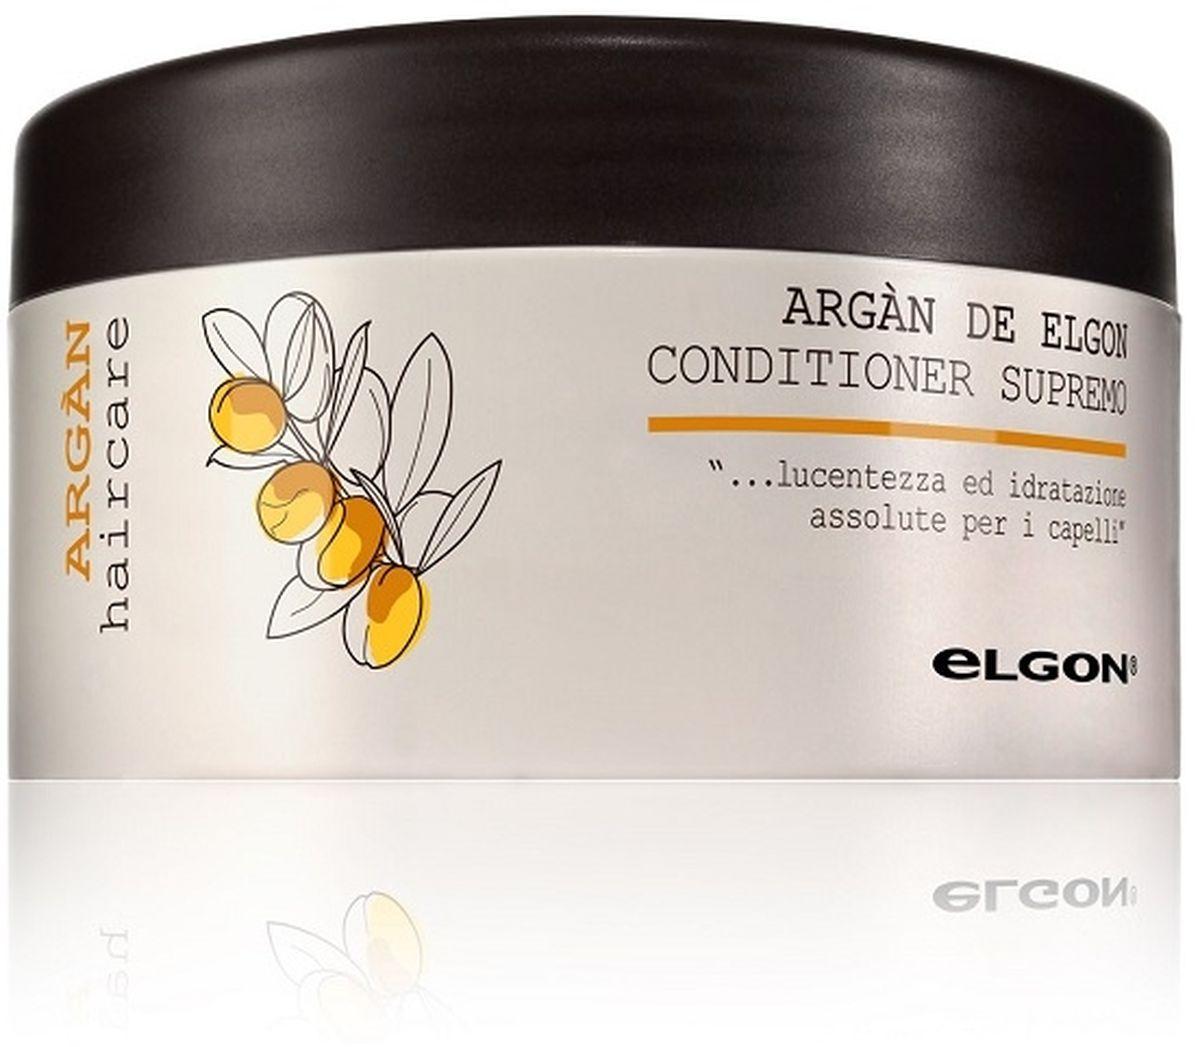 Elgon Argan Кондиционер для волос Argan Conditioner Supremo, 250 мл1079010250Активно увлажняет и защищает волосы от негативных факторов благодаря содержанию арганового масла. Предупреждает сухость волос, за счет восстановления гидролипидного баланса. Усиливает блеск, делая волосы более гладкими и ухоженными, защищает волосы от негативного воздействия УФ лучей. Ухаживает и защищает цвет окрашенных волос, делает их шелковистыми, мягкими, более эластичными и упругими. Облегчает расчесывание. Уменьшает электризацию и эффект «пушистости» волос без утяжеления.